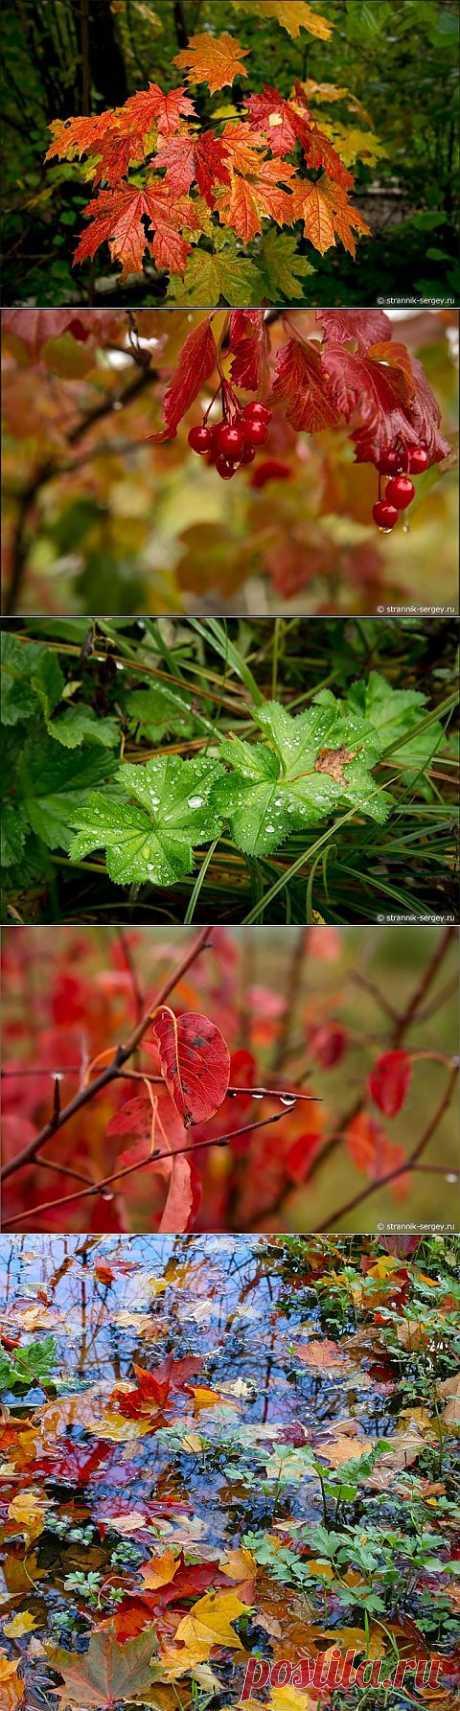 Дождливая осень | ЛЮБИМЫЕ ФОТО